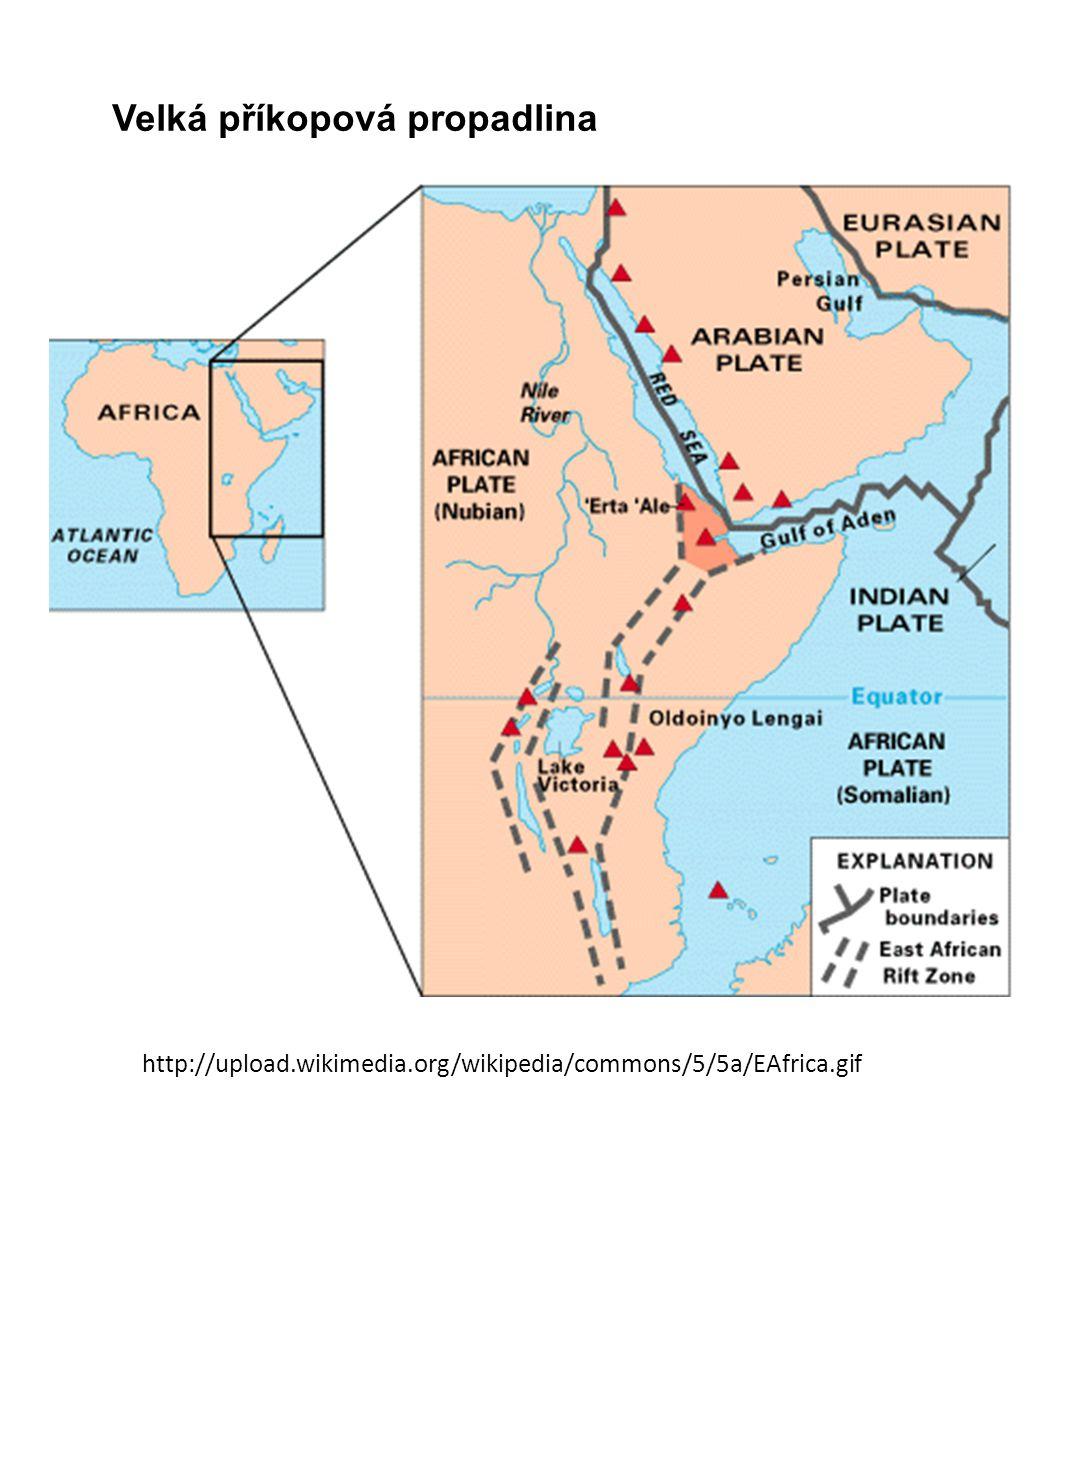 http://upload.wikimedia.org/wikipedia/commons/5/5a/EAfrica.gif Velká příkopová propadlina